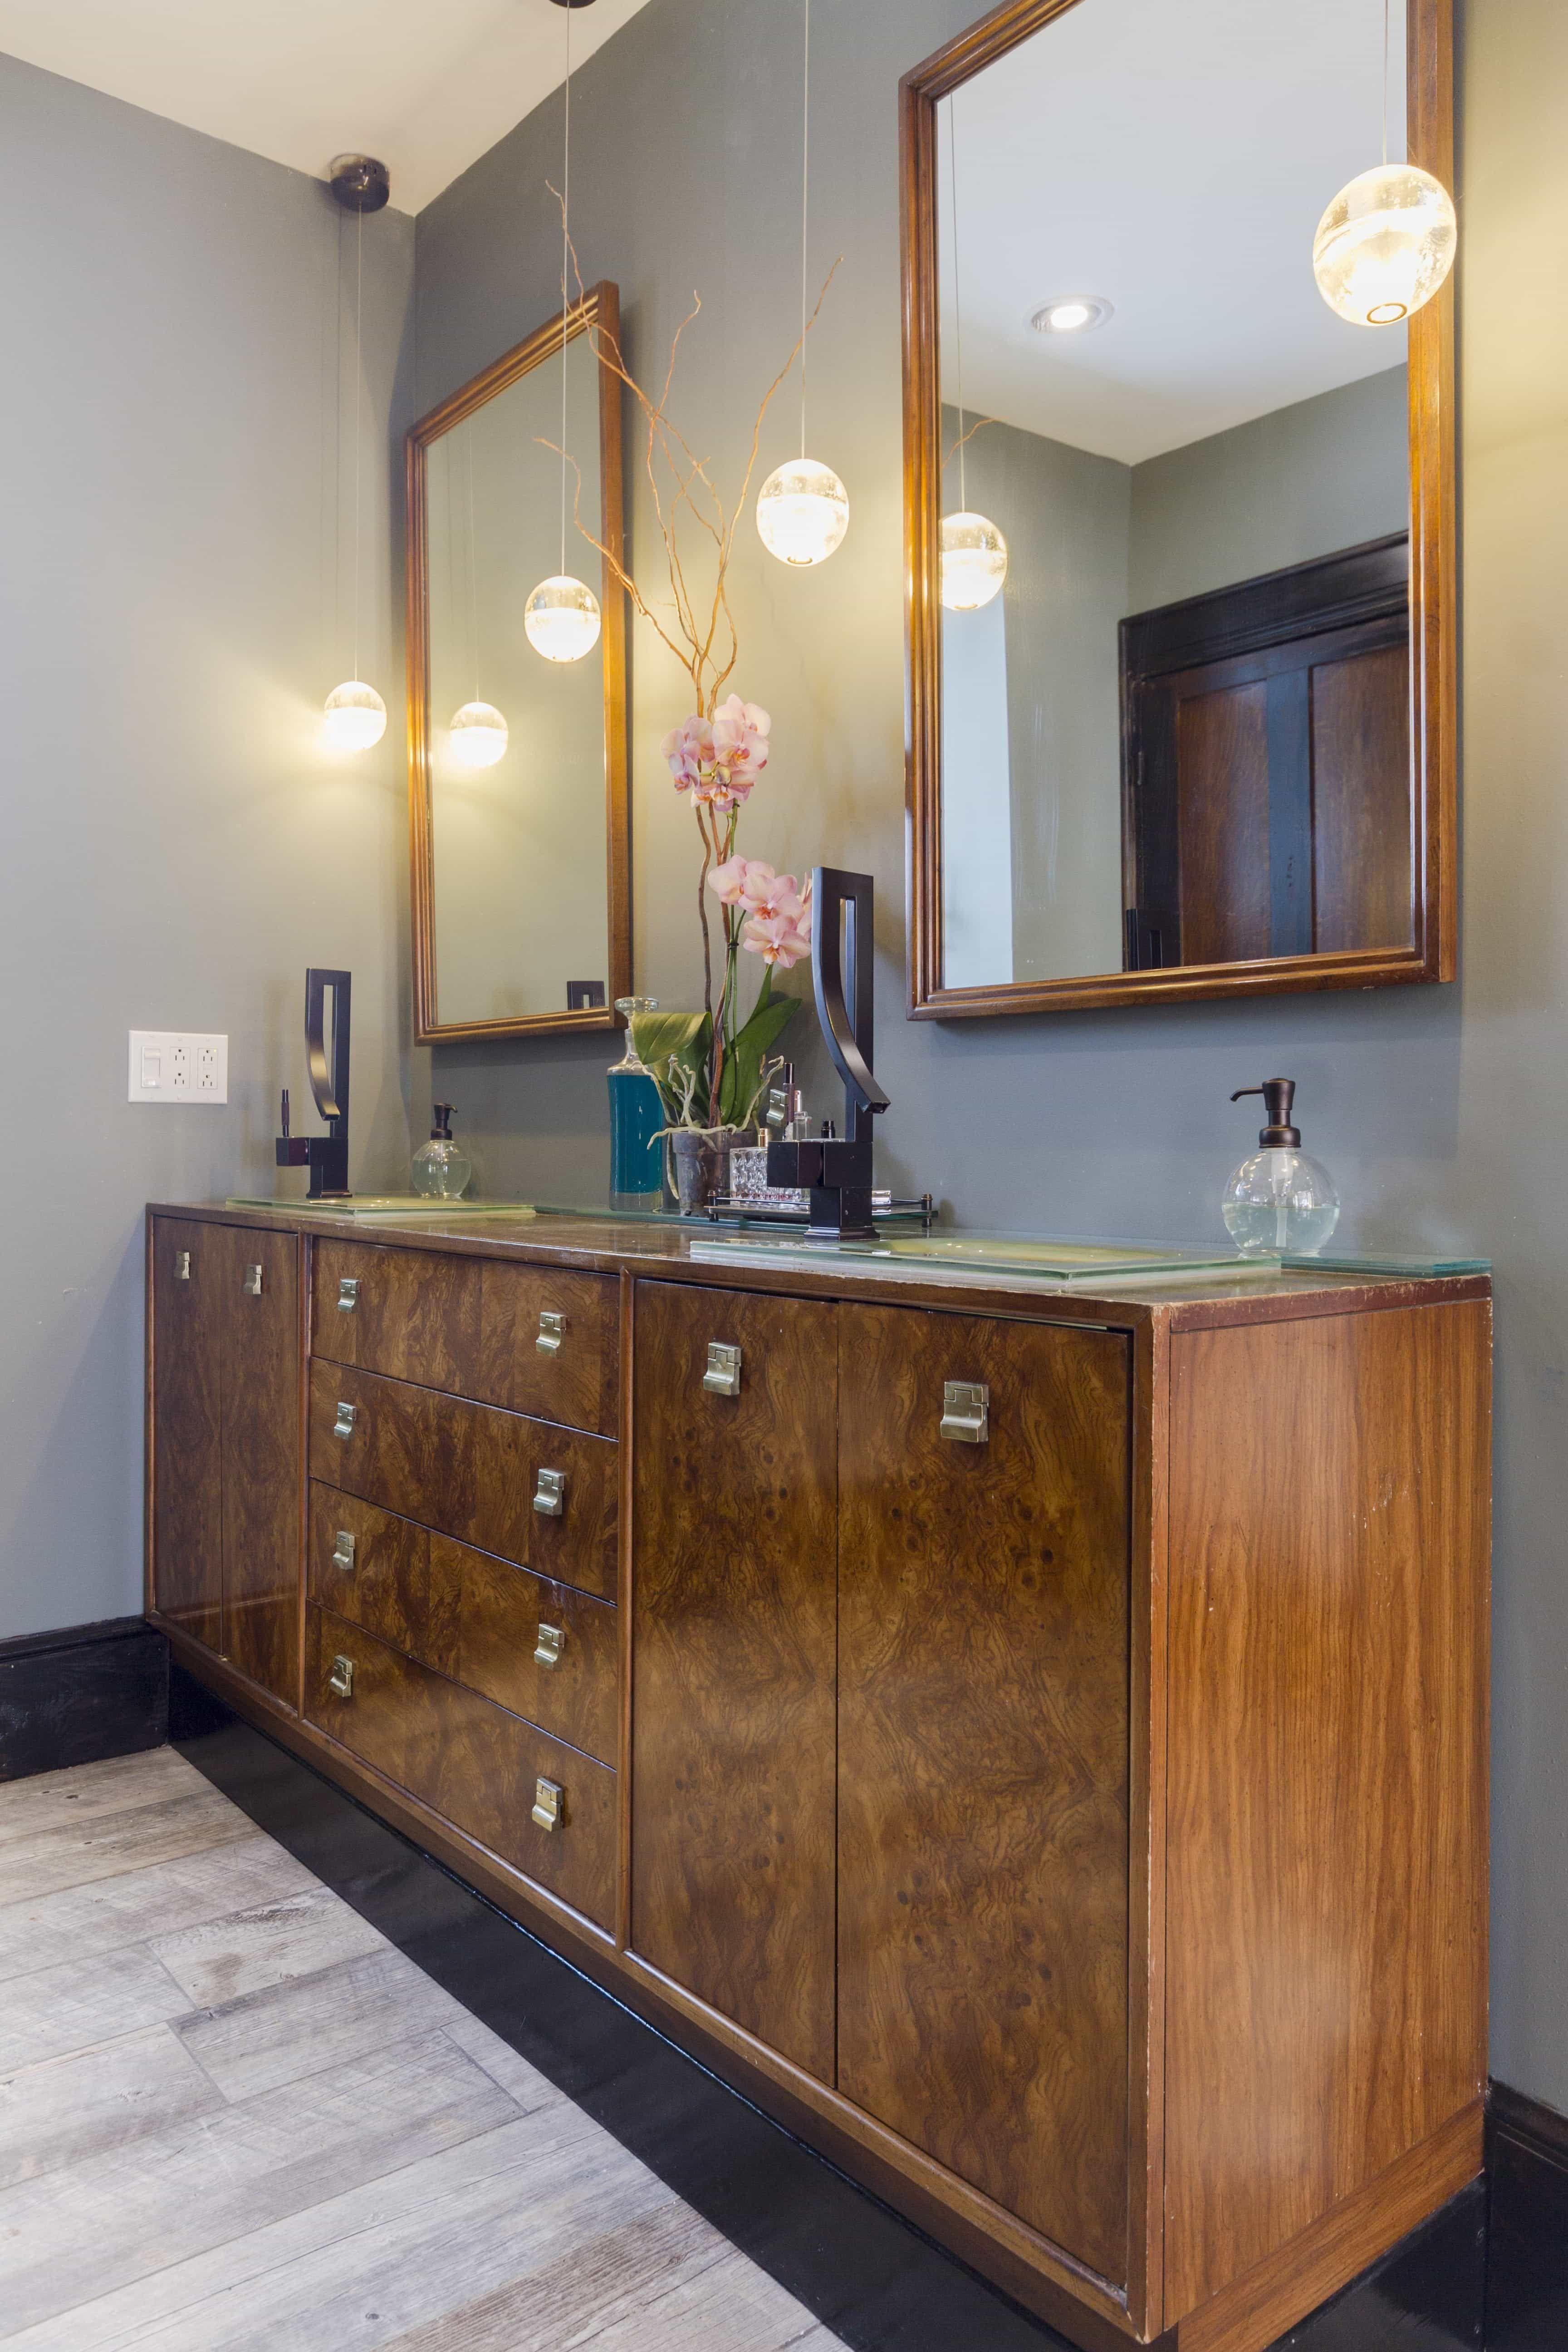 Badezimmer dekor mit fliesen die gute und perfekte eck waschtisch für badezimmer dekor